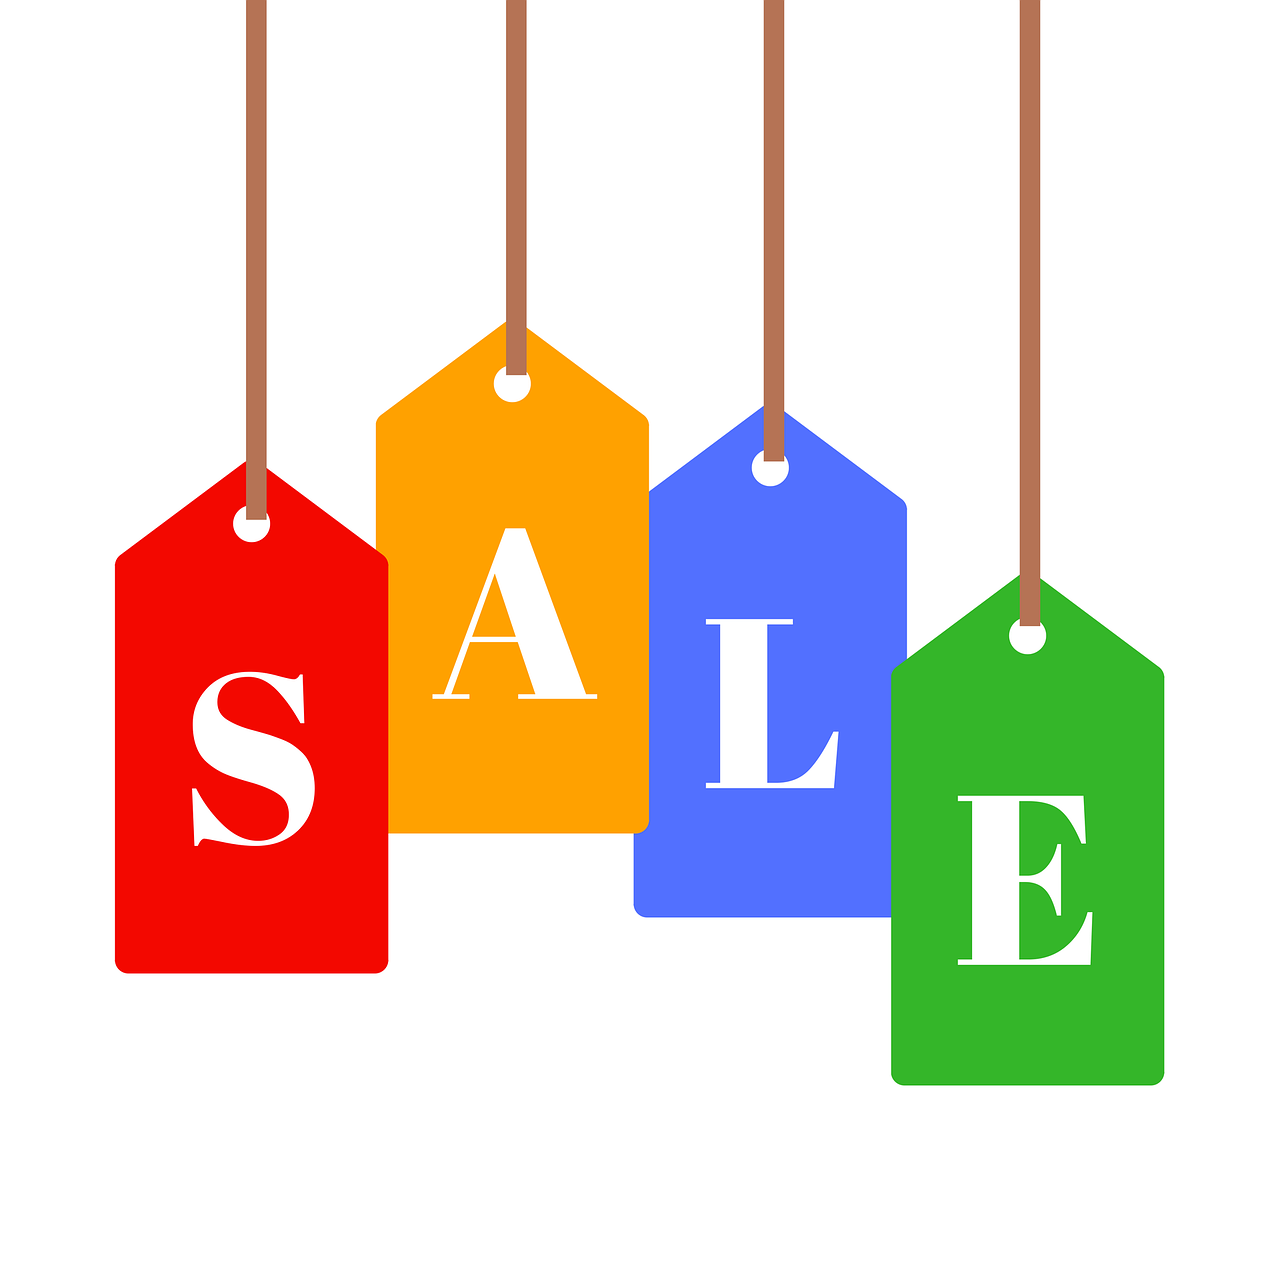 チラシやホームページなどの販売促進をお考えの場合は小規模事業者持続化補助金を活用しましょう!